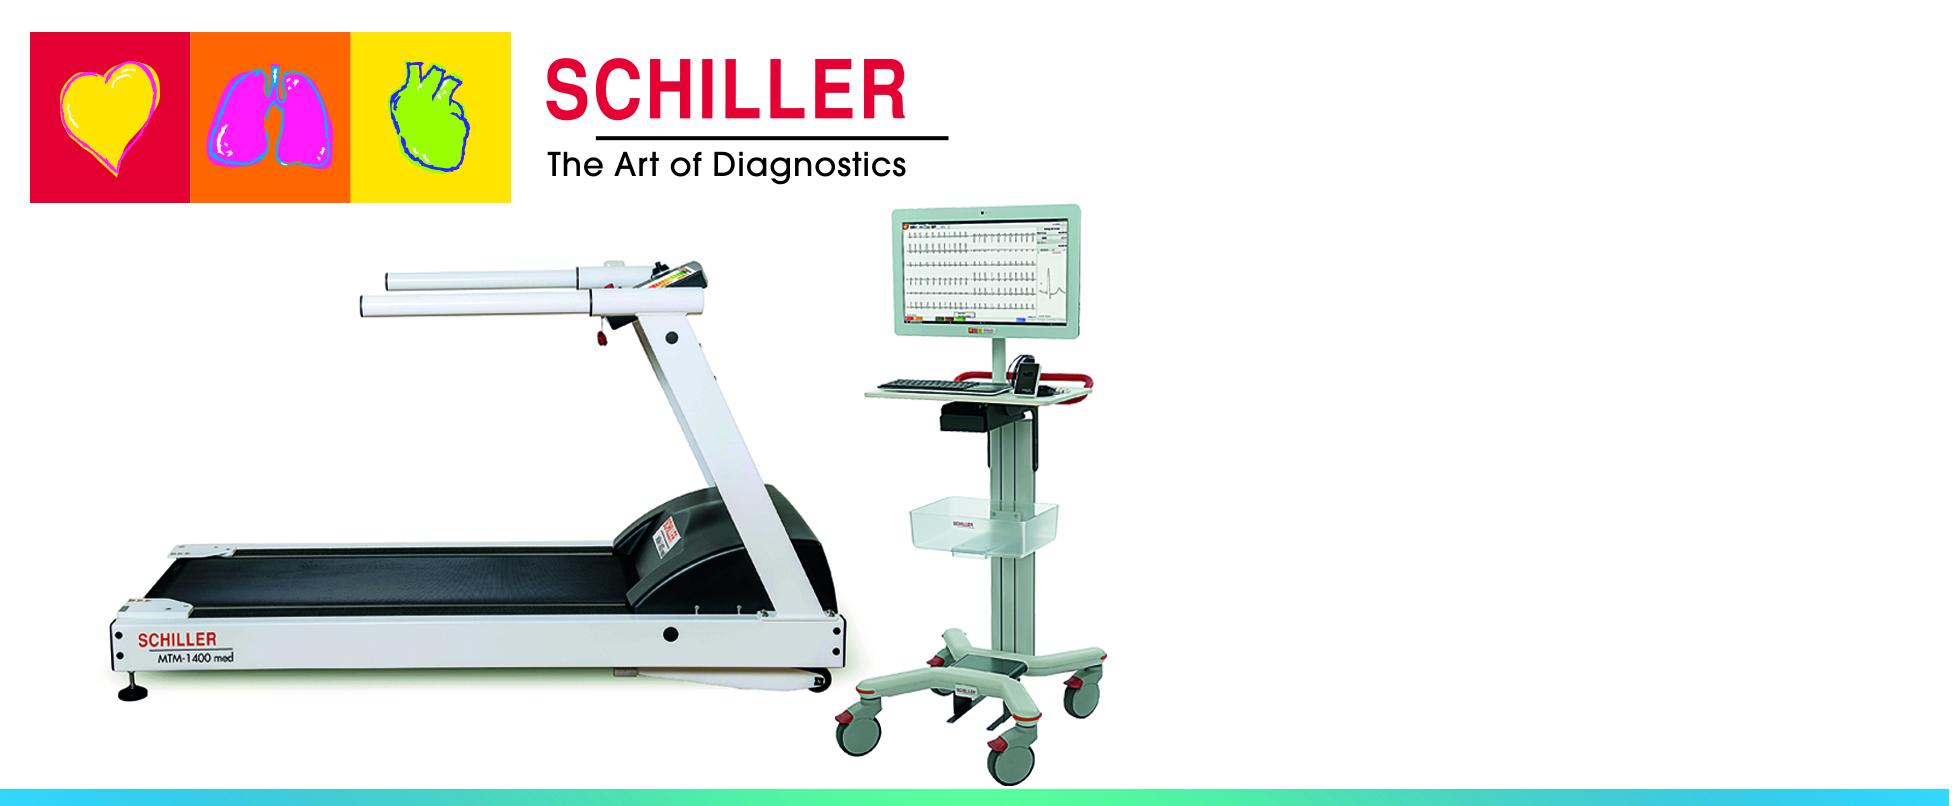 SCHILLER | BOREAL MEDICAL